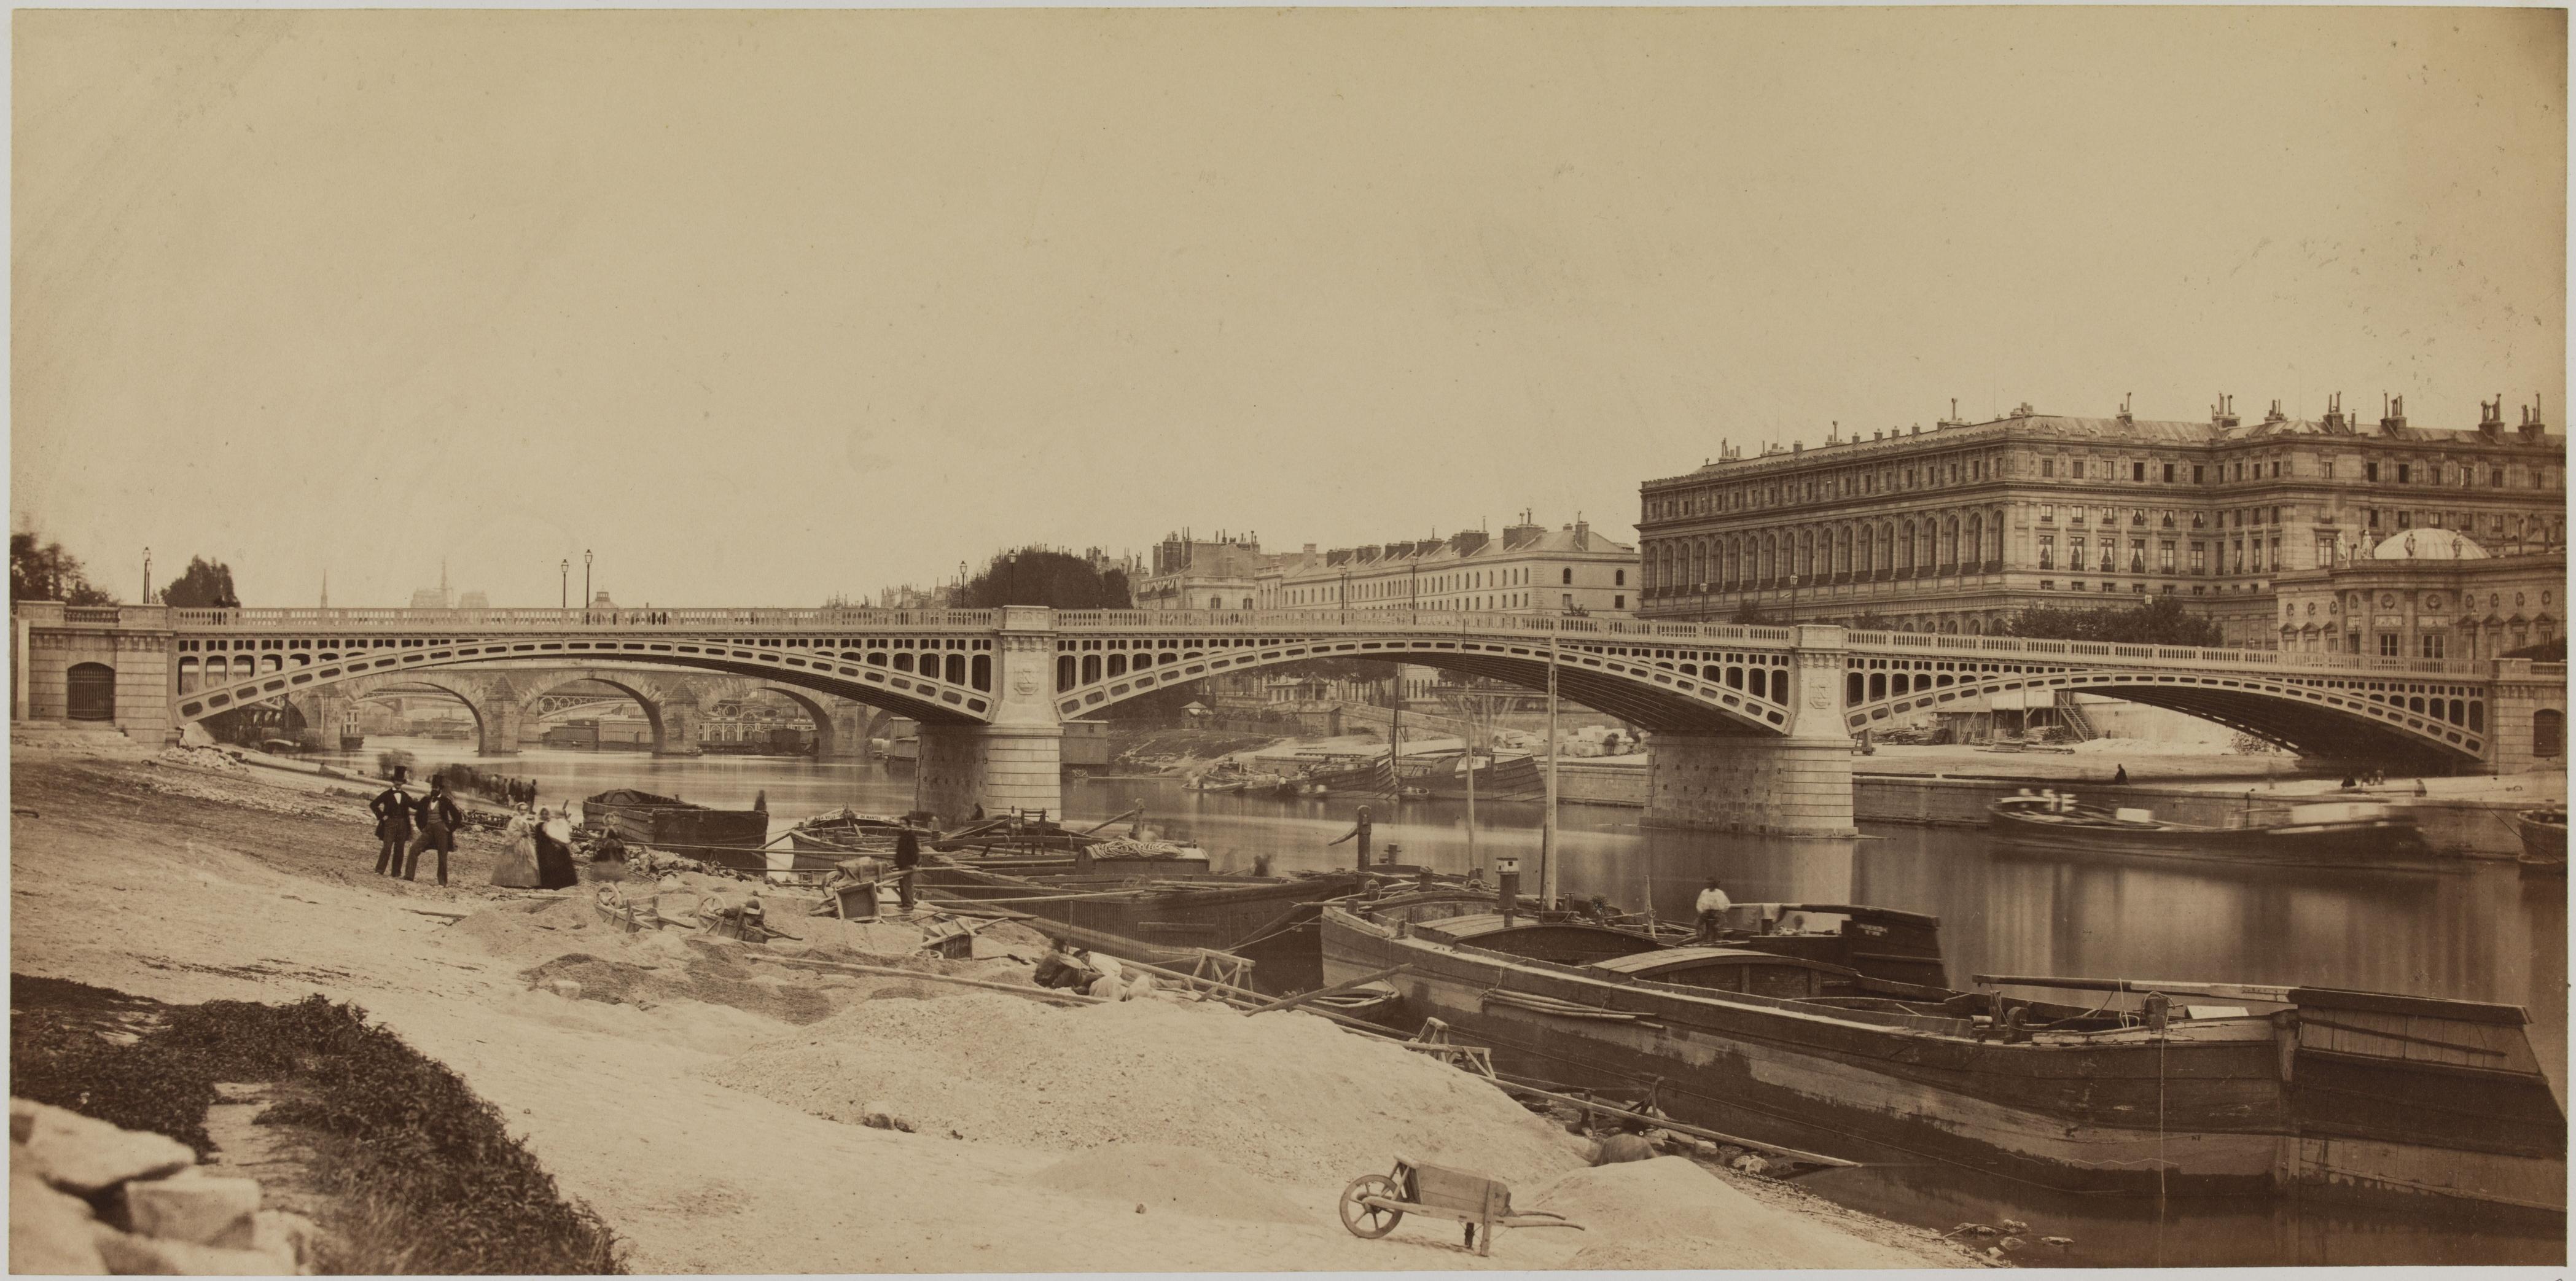 03. Общий вид моста, взятый вниз по течению